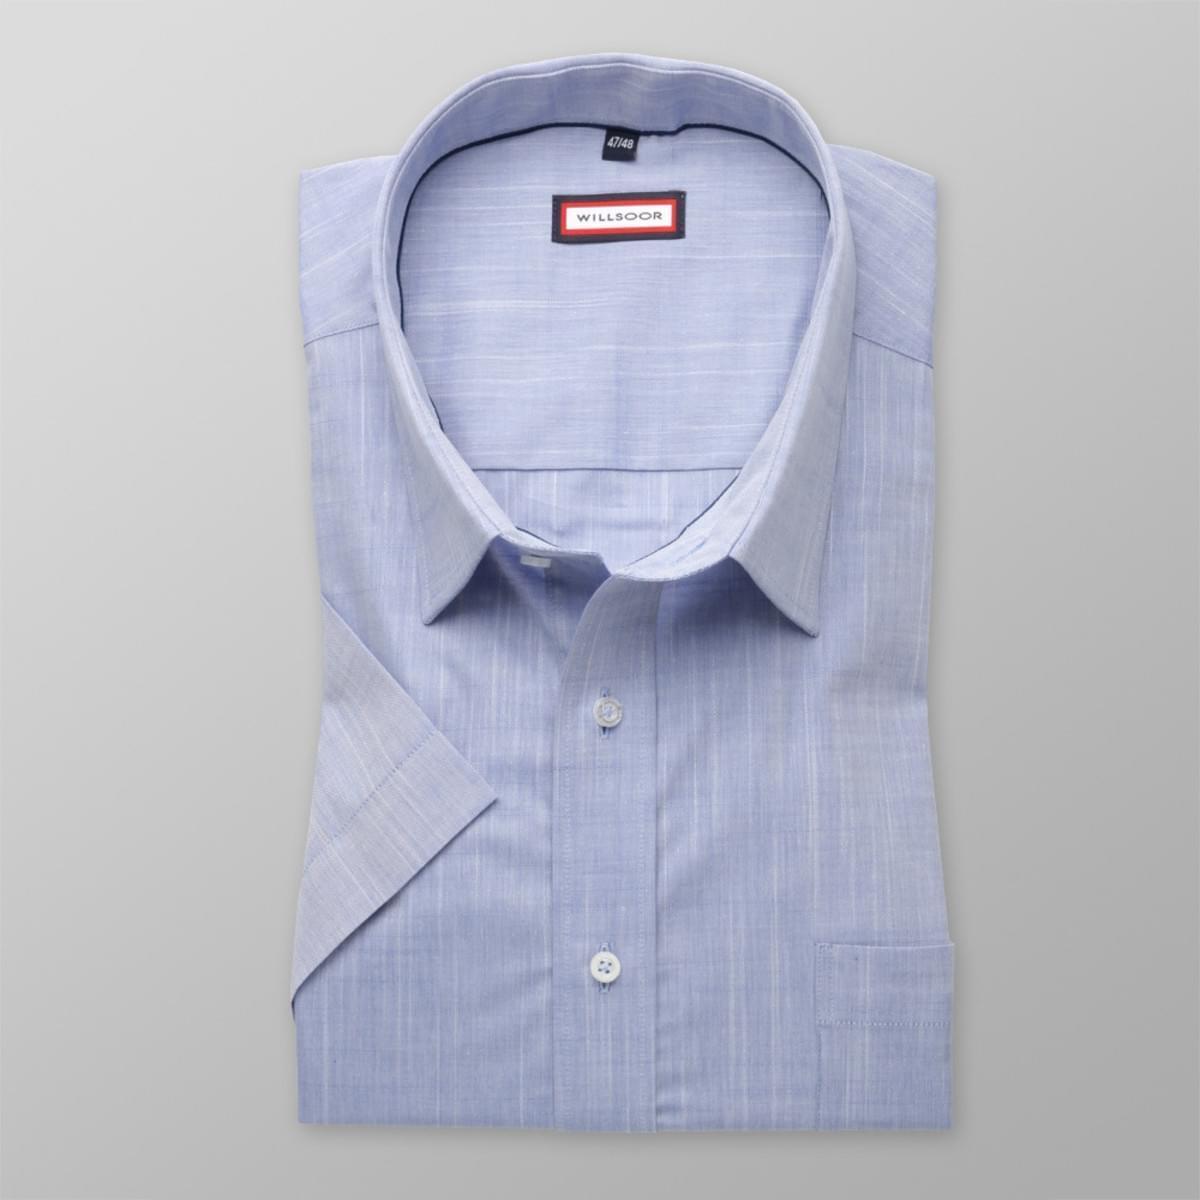 Pánska klasická košeľa s krátkym rukávom (výška 176-182) 8125 v modré farbe 176-182 / 51/52